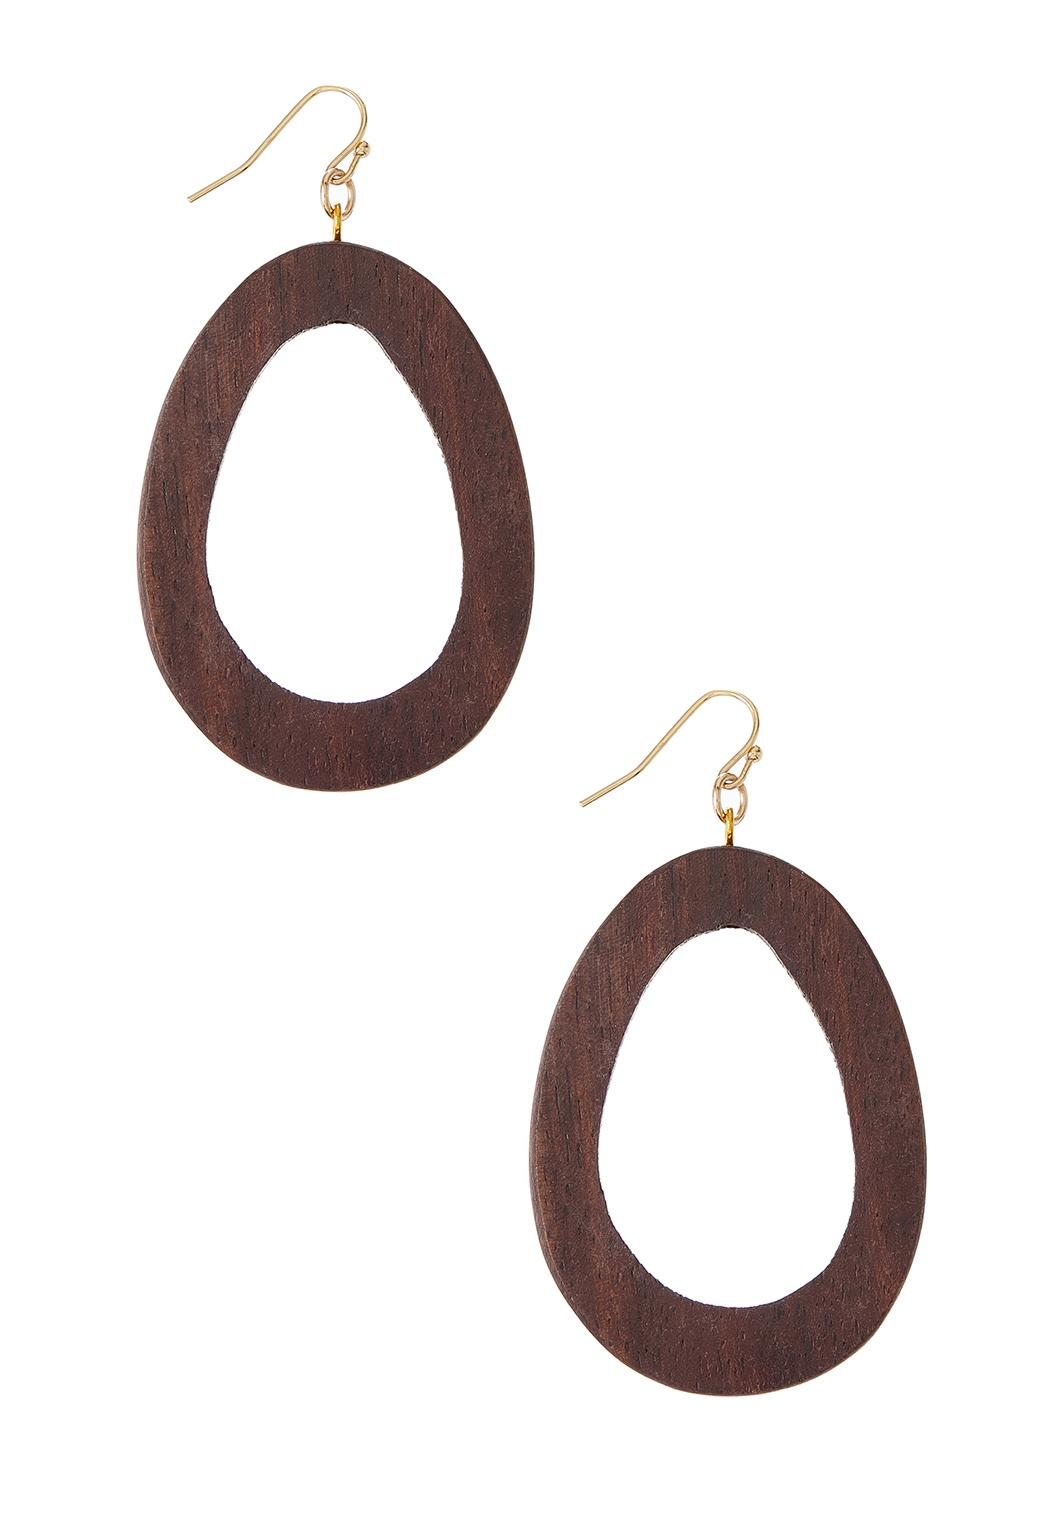 Wooden Oval Earrings